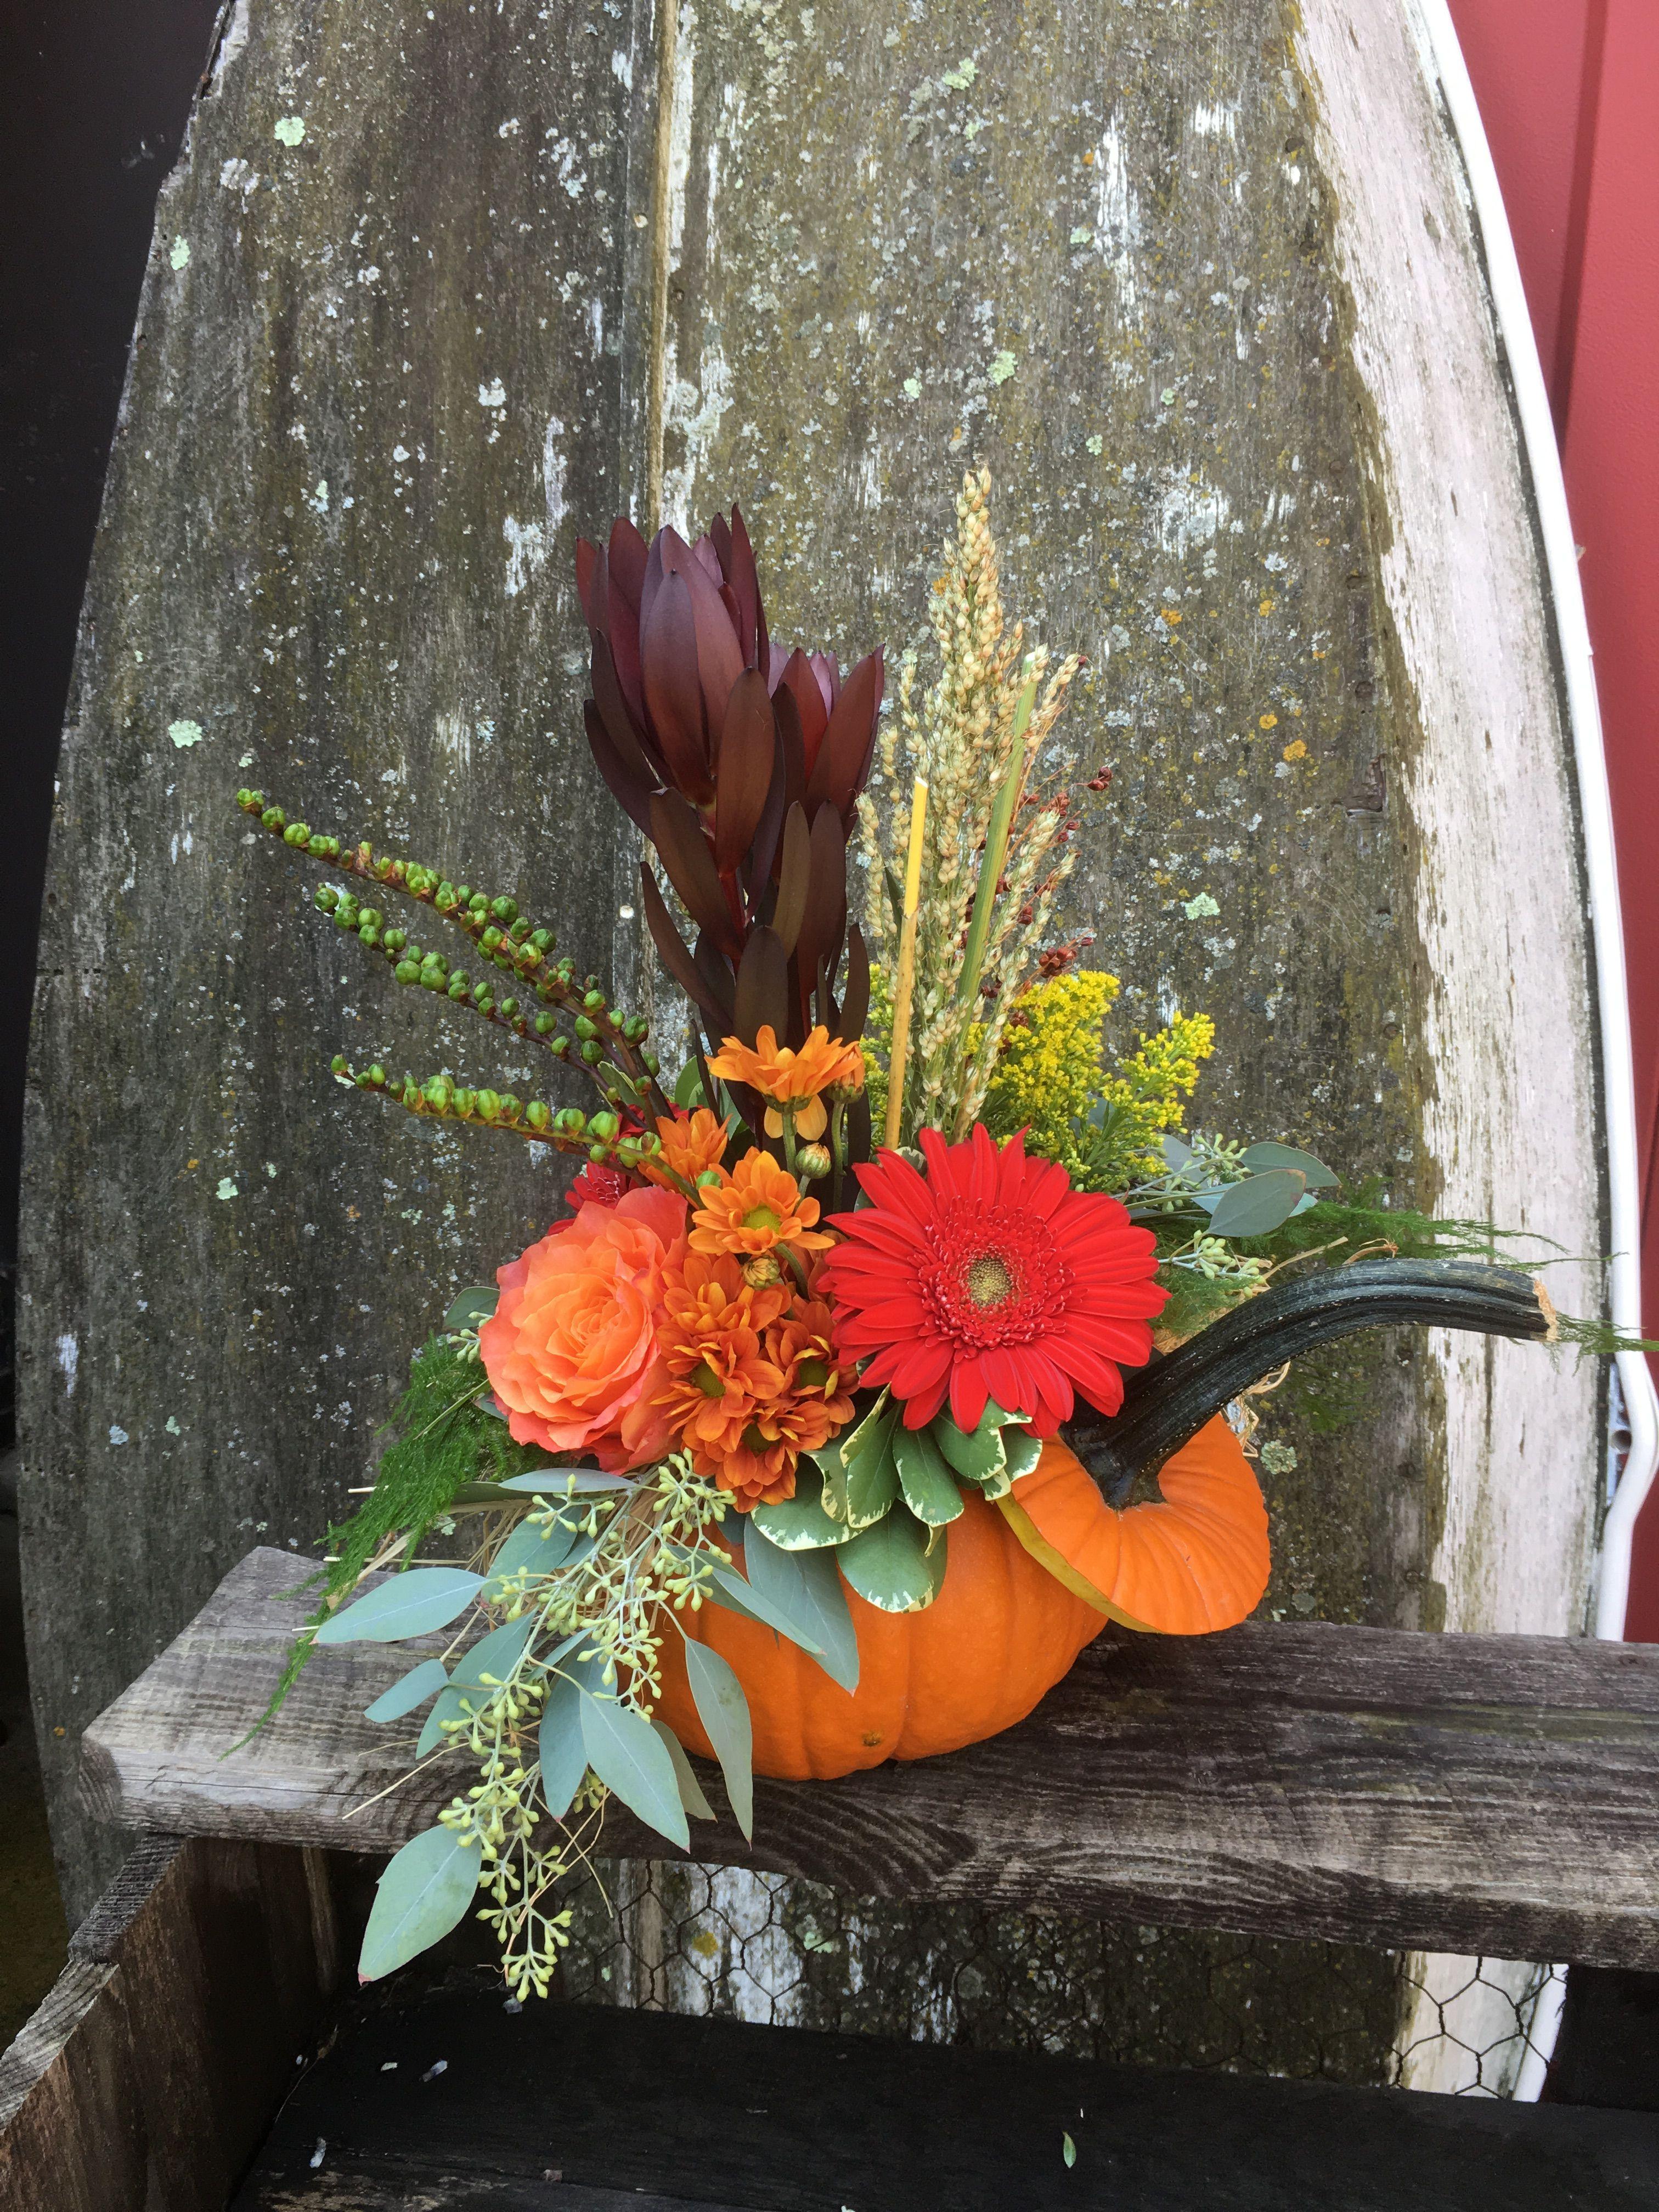 fall flower pumpkin arrangement with gerbera daisy, rose